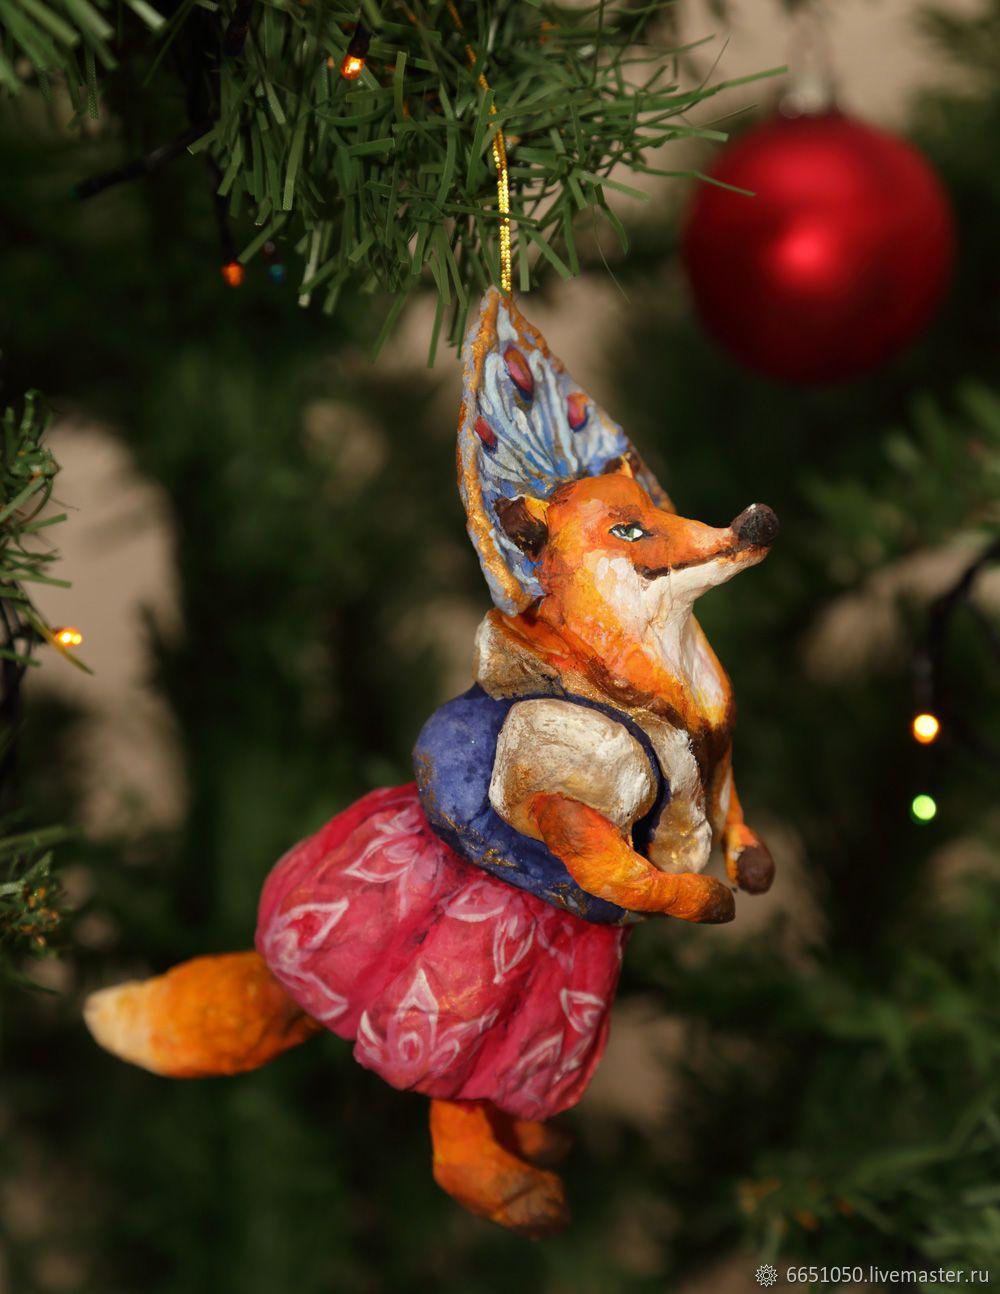 Обои плюшевая, подарки, елка. Лисы foto 13